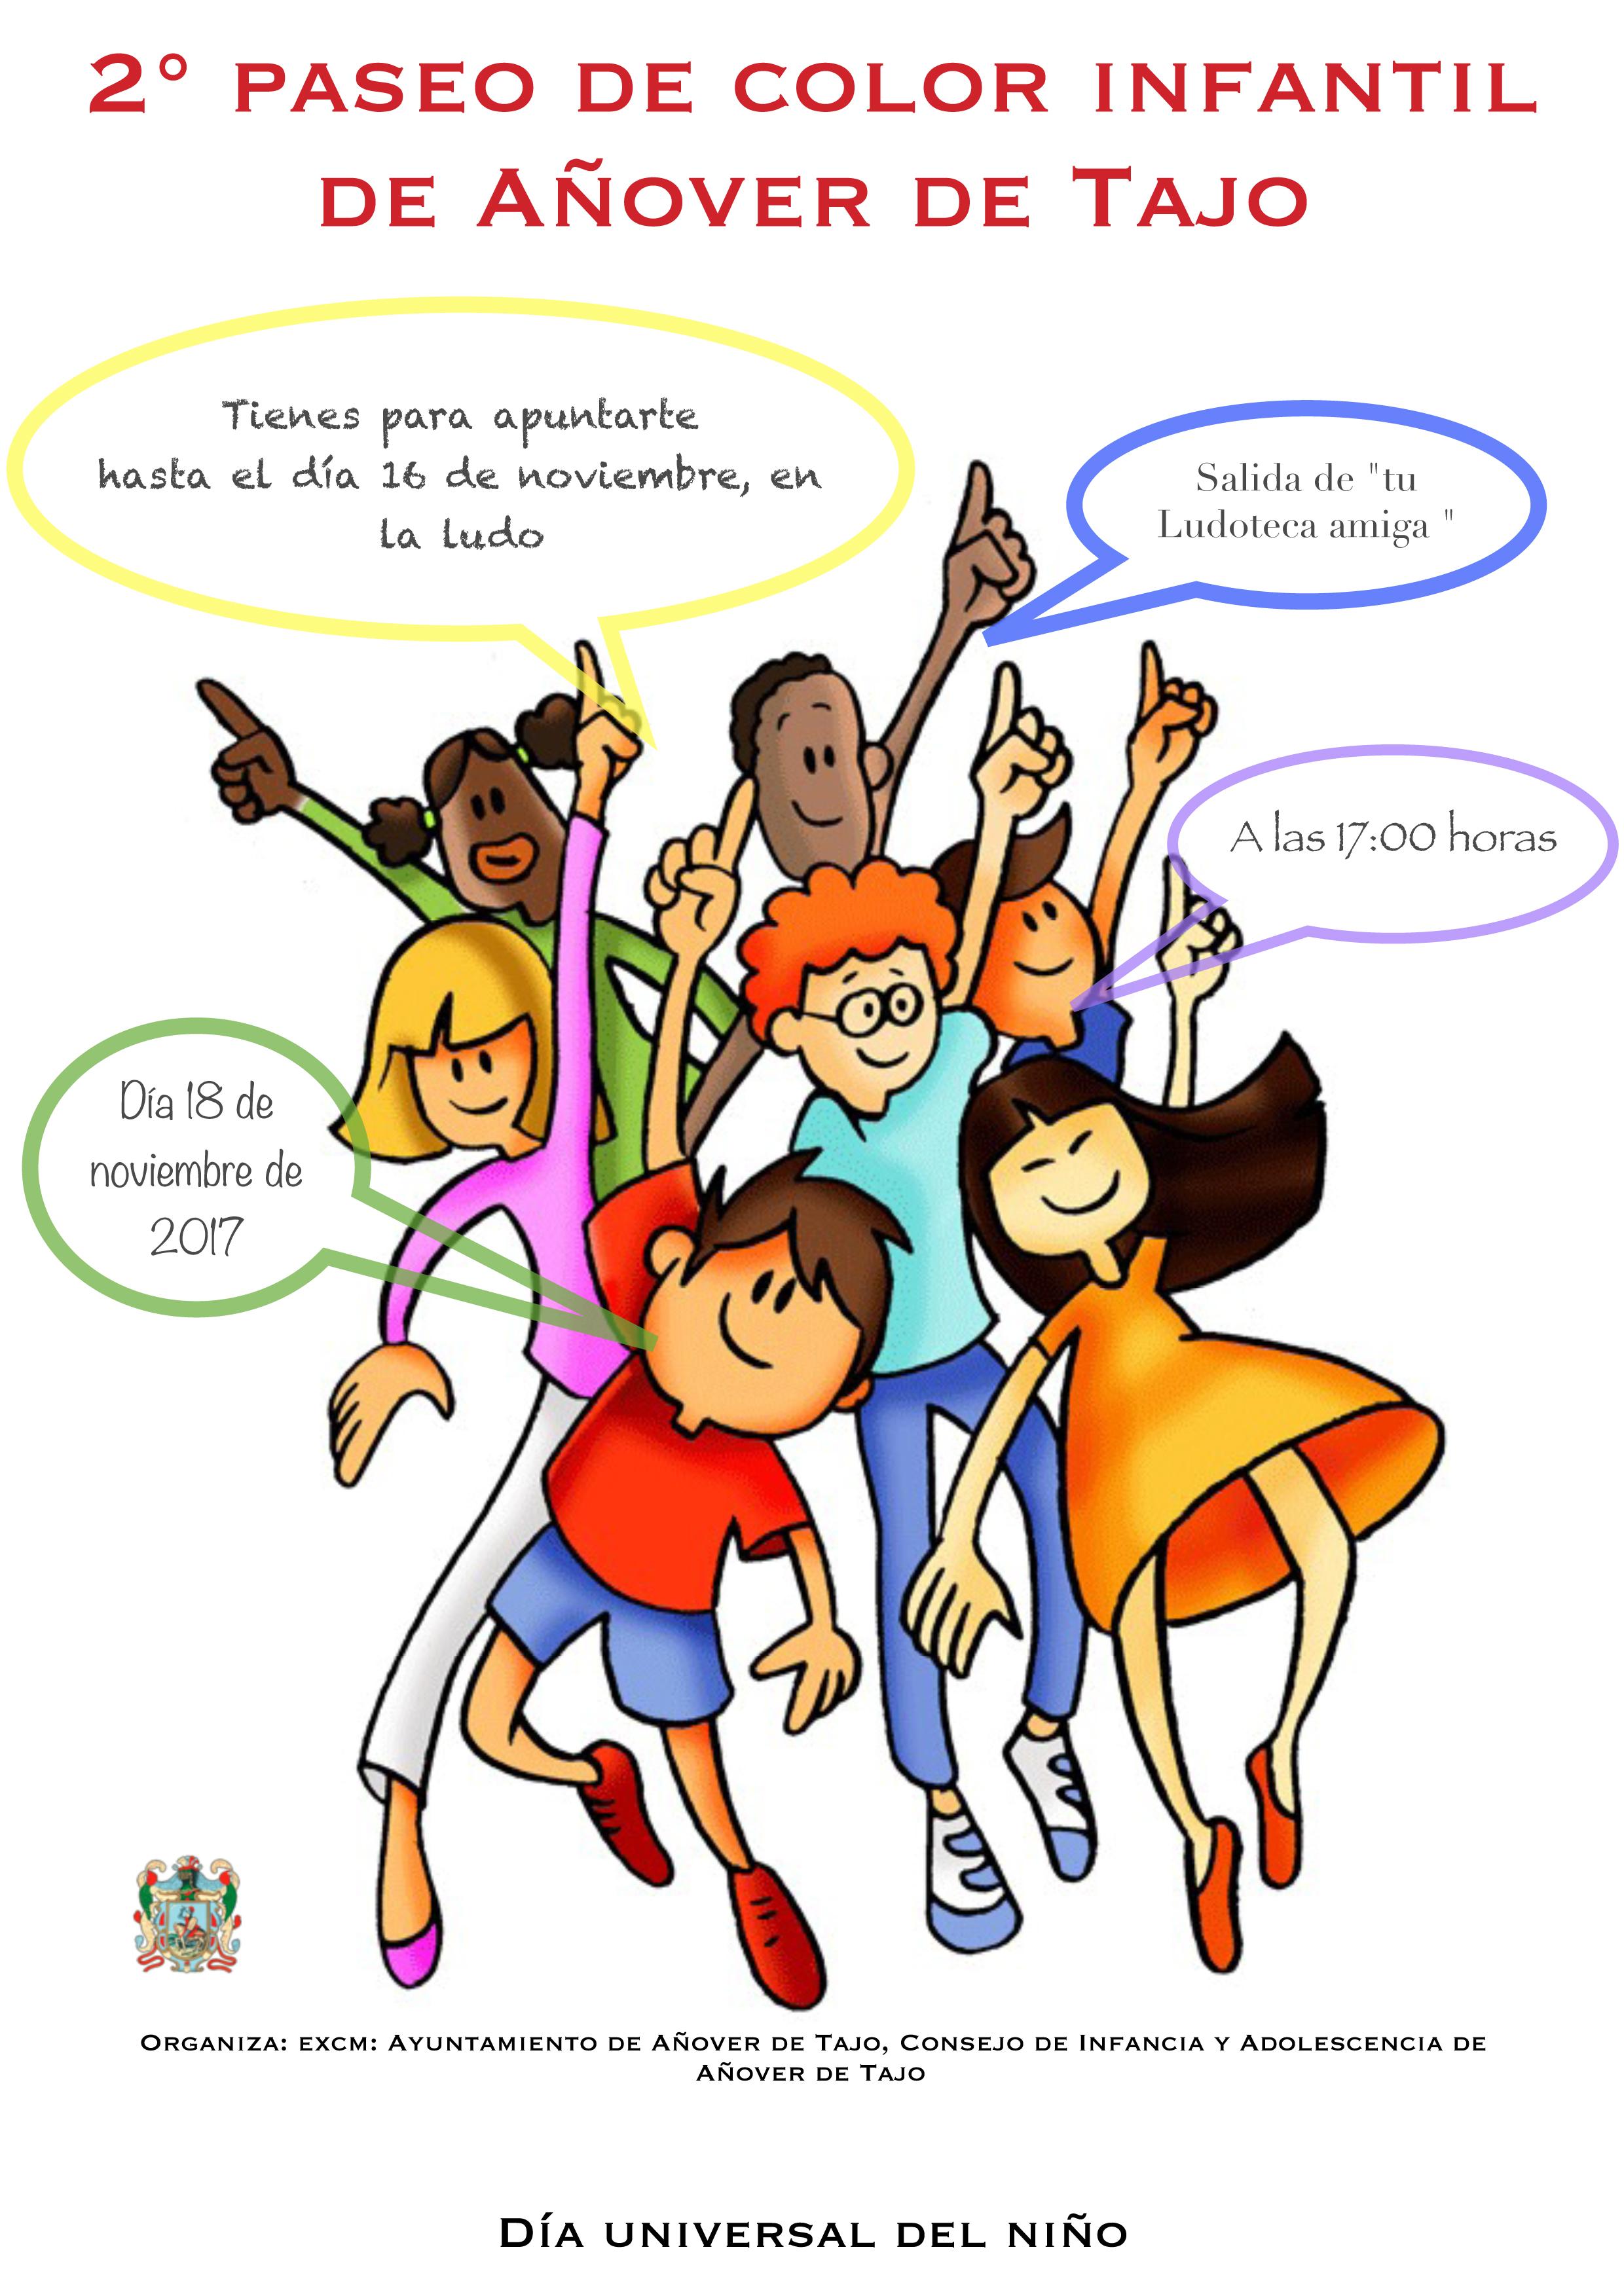 Día Universal del Niño a todo color